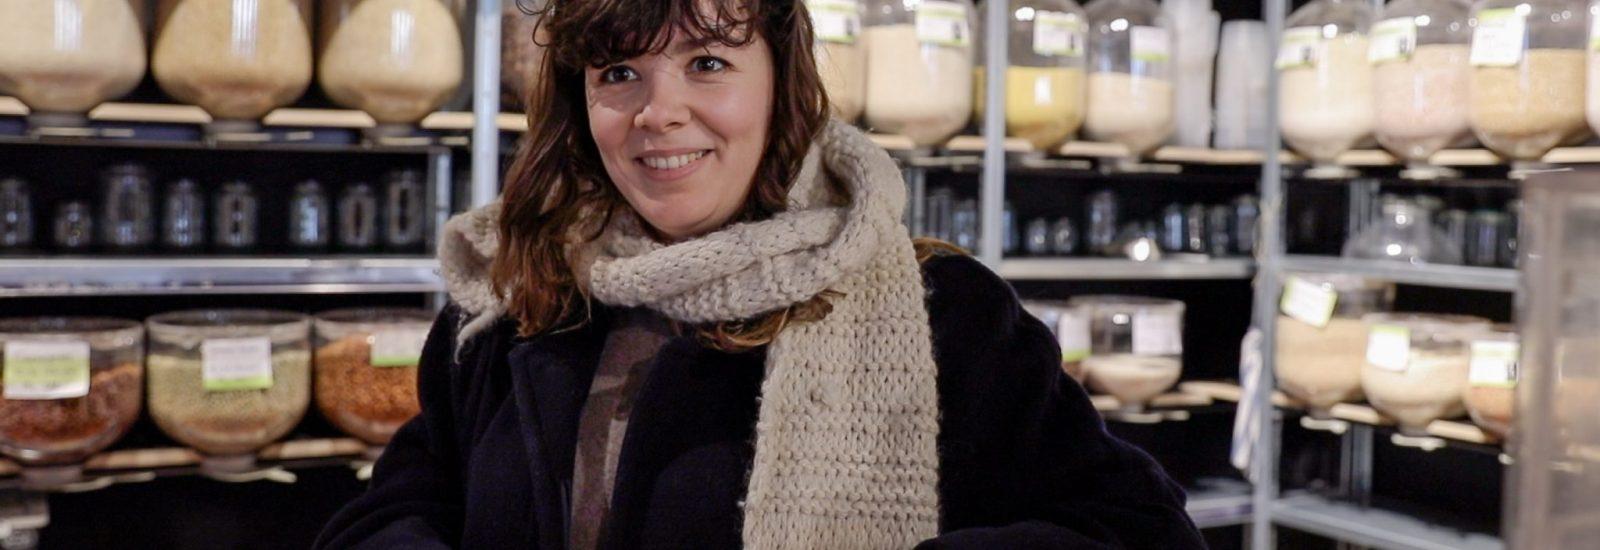 Jessie Kroon Zero Waste Project